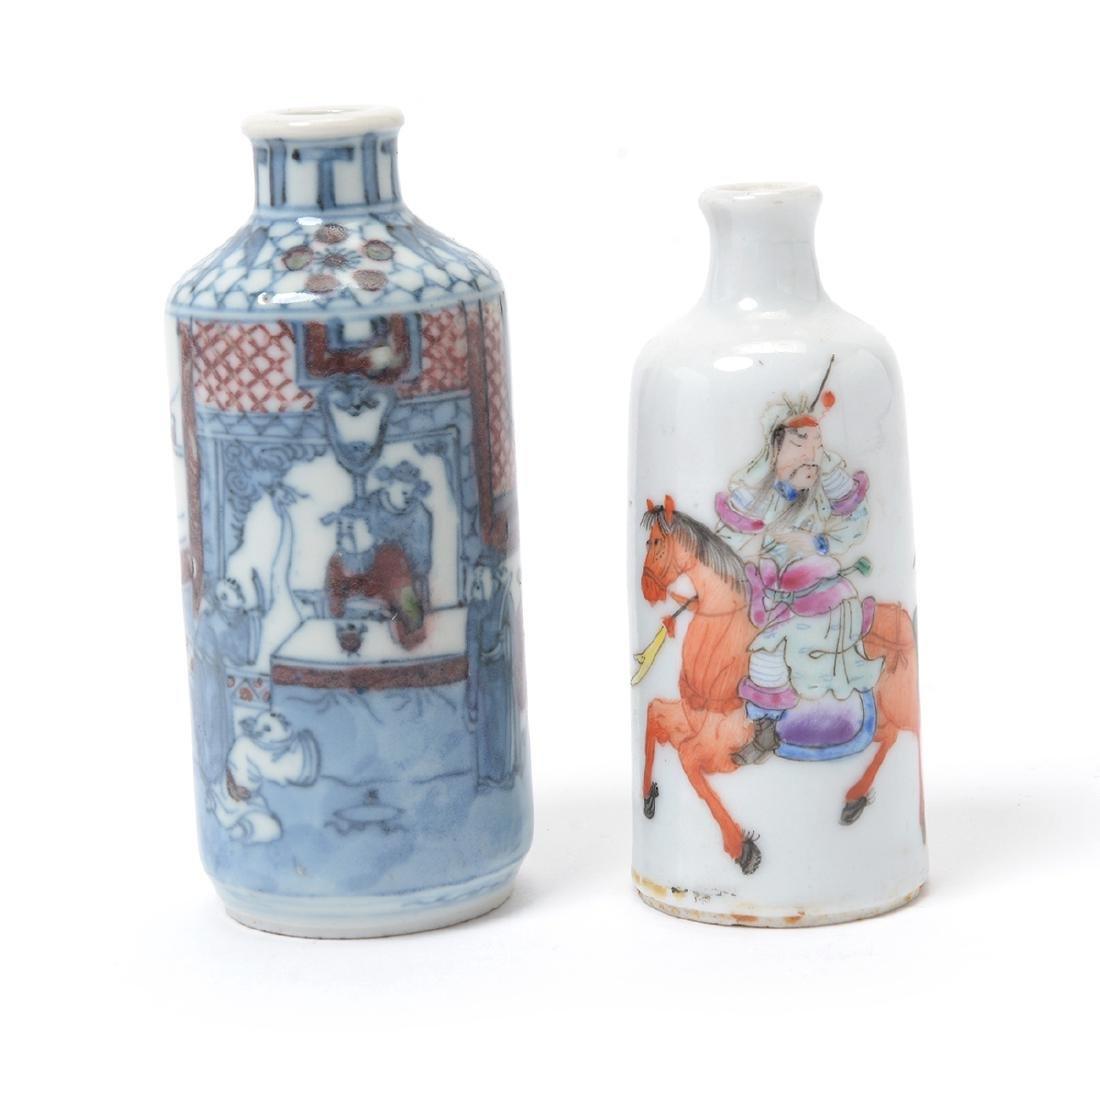 Two Porcelain Figural Snuff Bottles